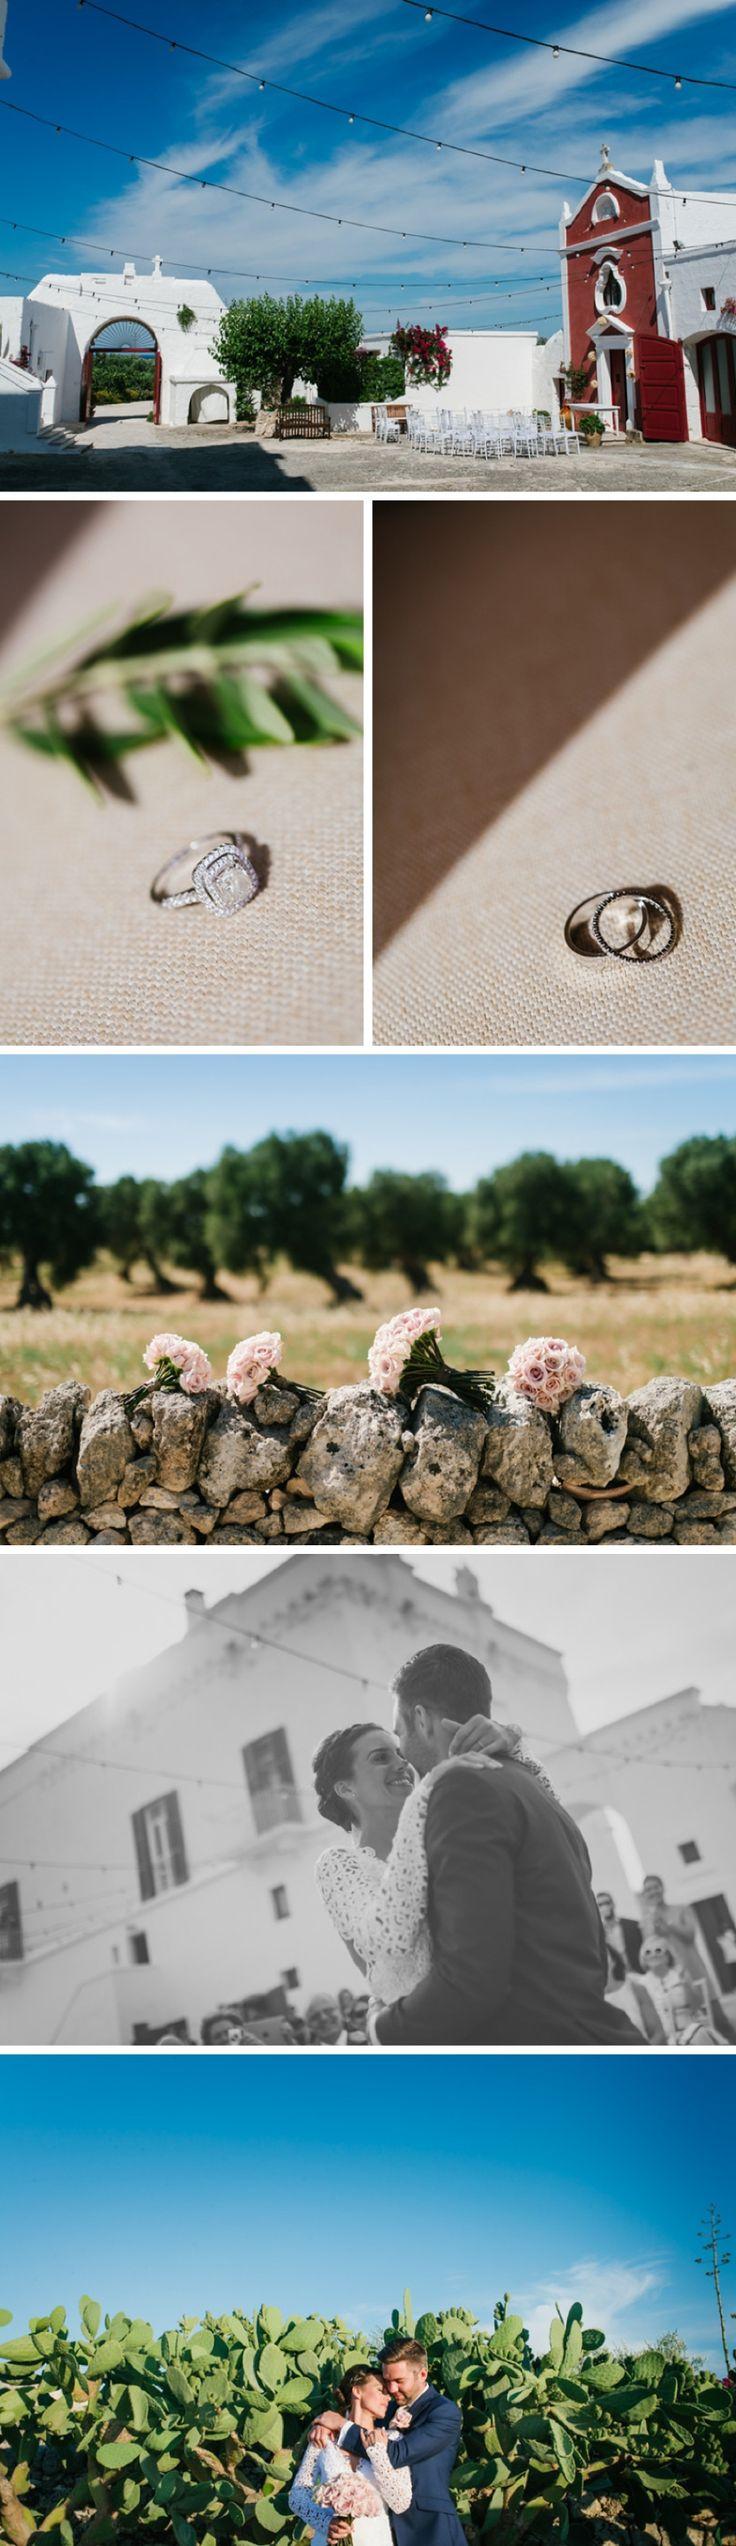 Wedding Masseria Torre Coccaro - Apulia. ITALY Photographer: www.aberrazionicromatiche.com #masseriatorrecoccaro #destinationwedding #weddinginitaly